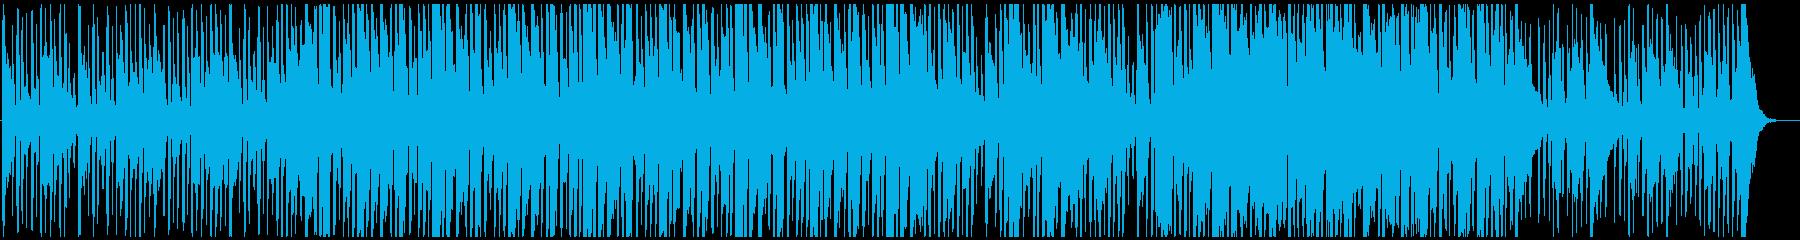 ファンク ドラマチック 電気ピアノ...の再生済みの波形